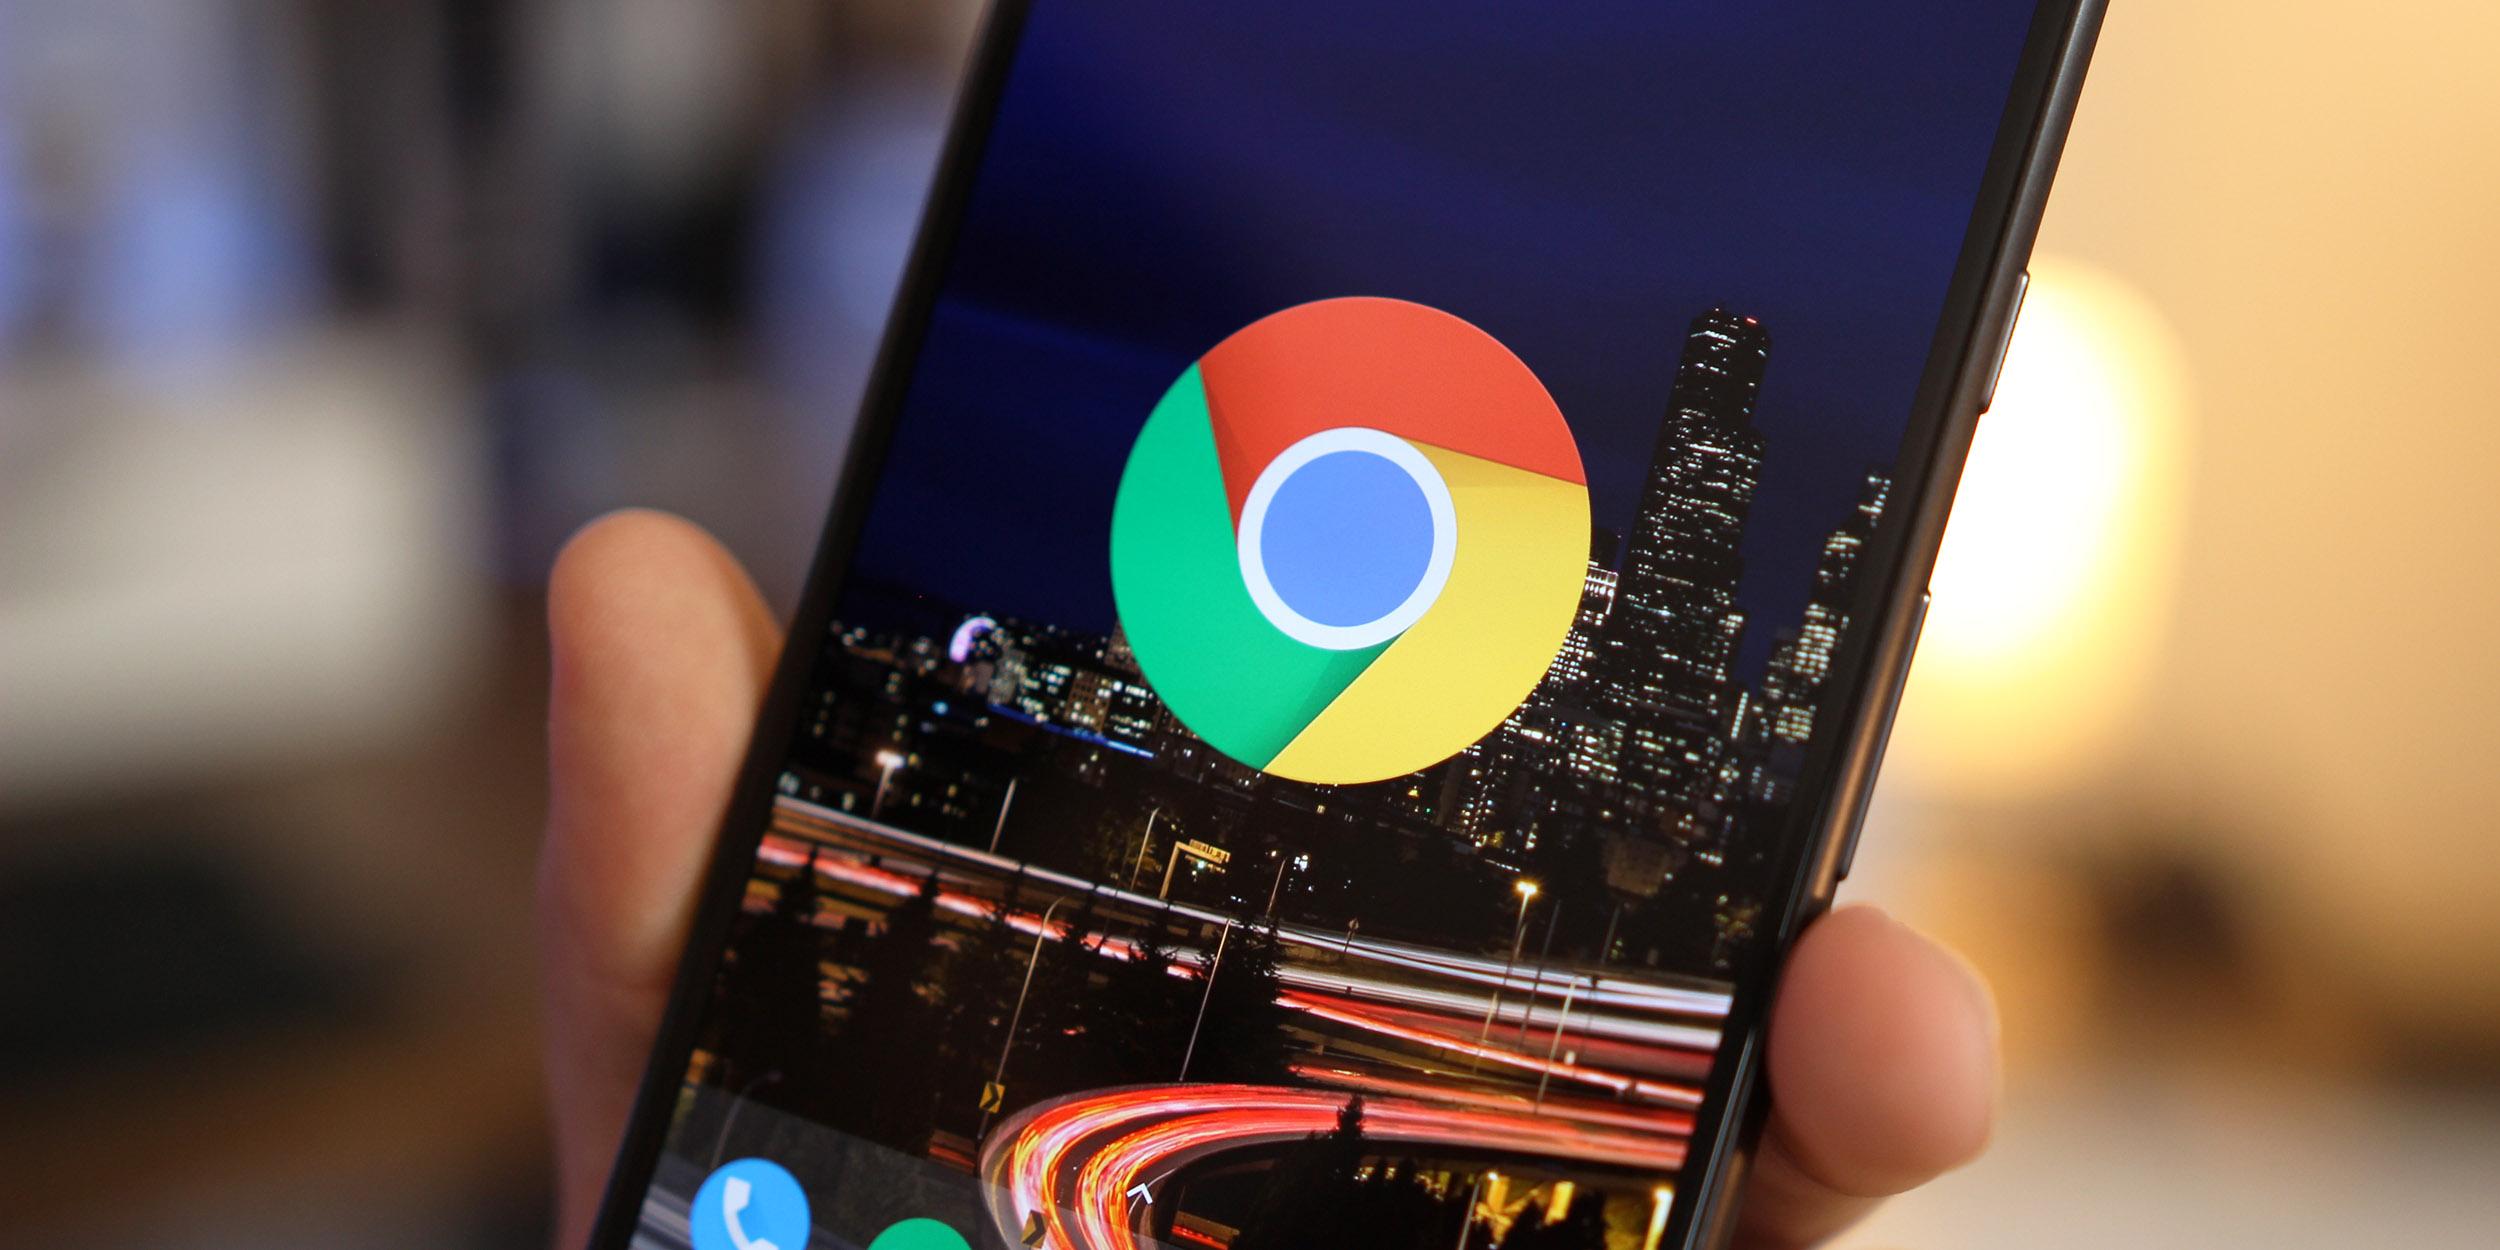 Chrome/OS